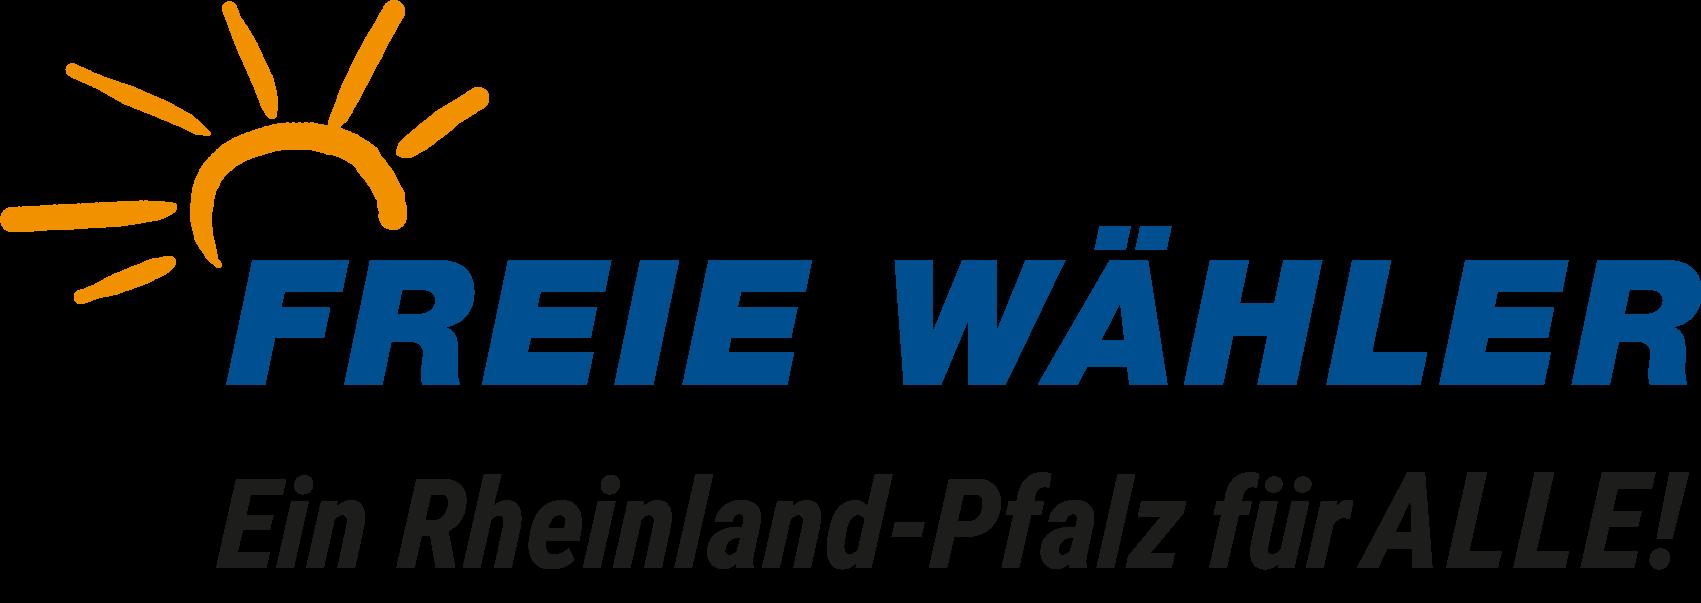 Dominik Stihler FREIE WÄHLER Rheinland-Pfalz